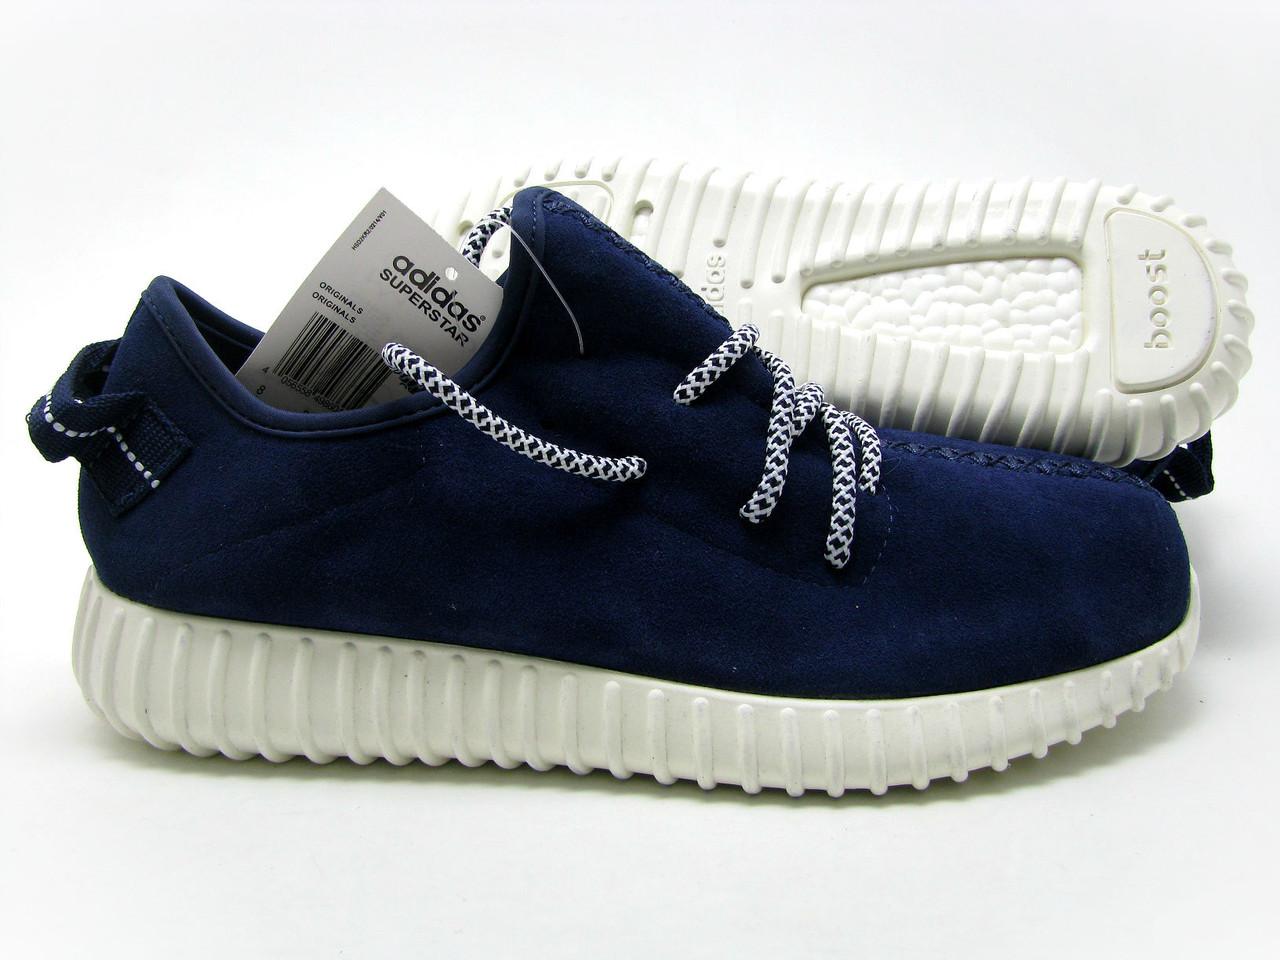 Кроссовки мужские Adidas Yeezy Boost 350 Low Замшевые  синие